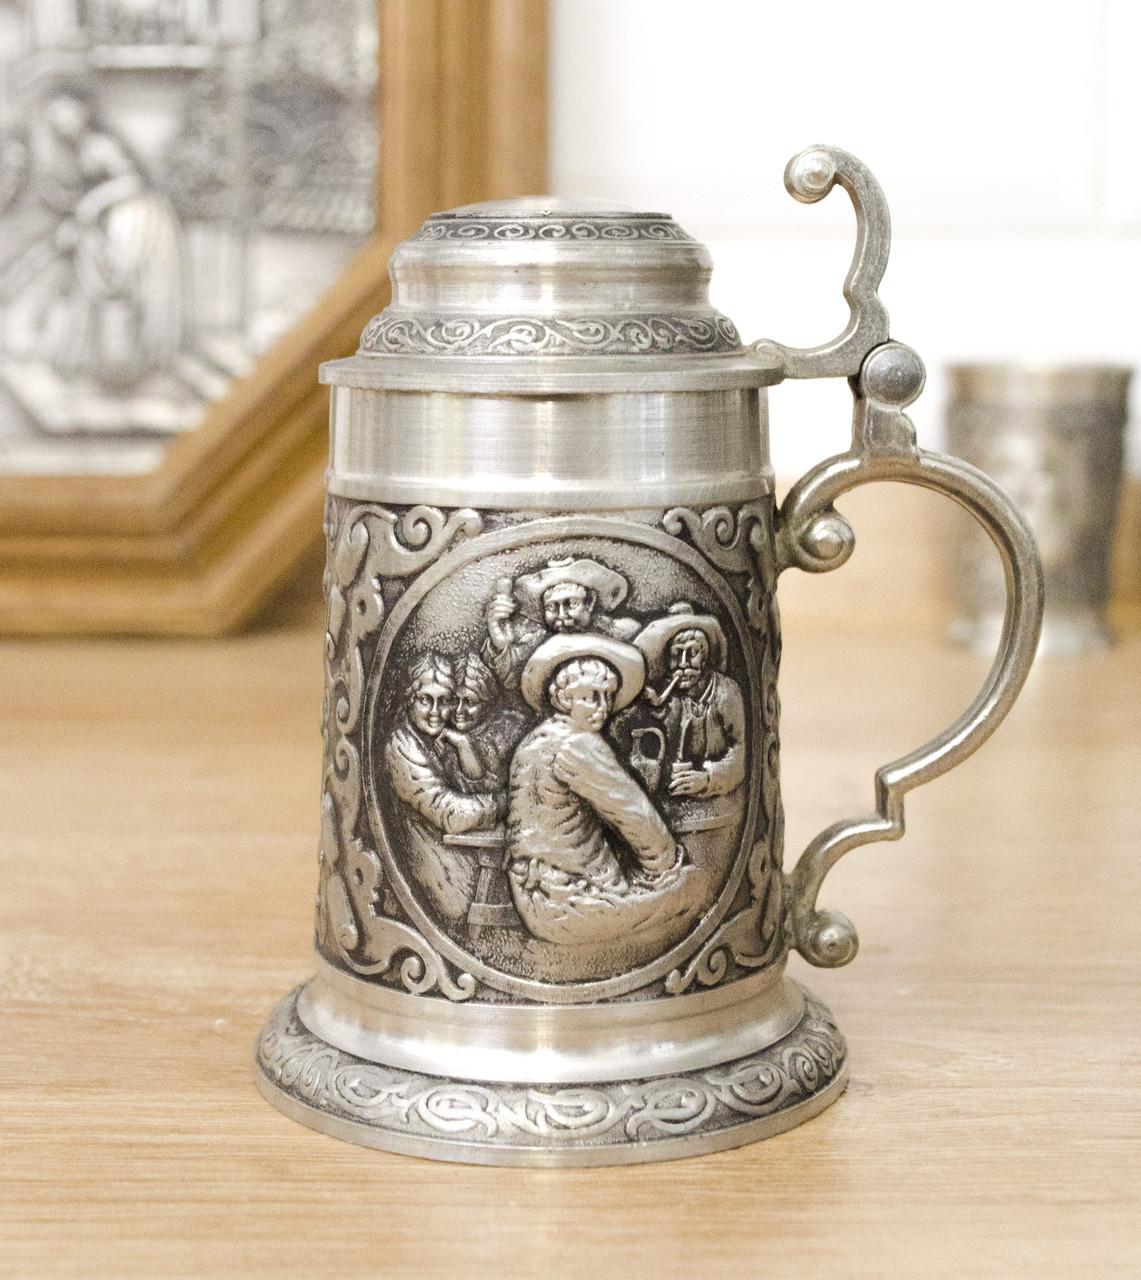 Коллекционный оловянный мини бокал, пищевое олово, Германия, трактир